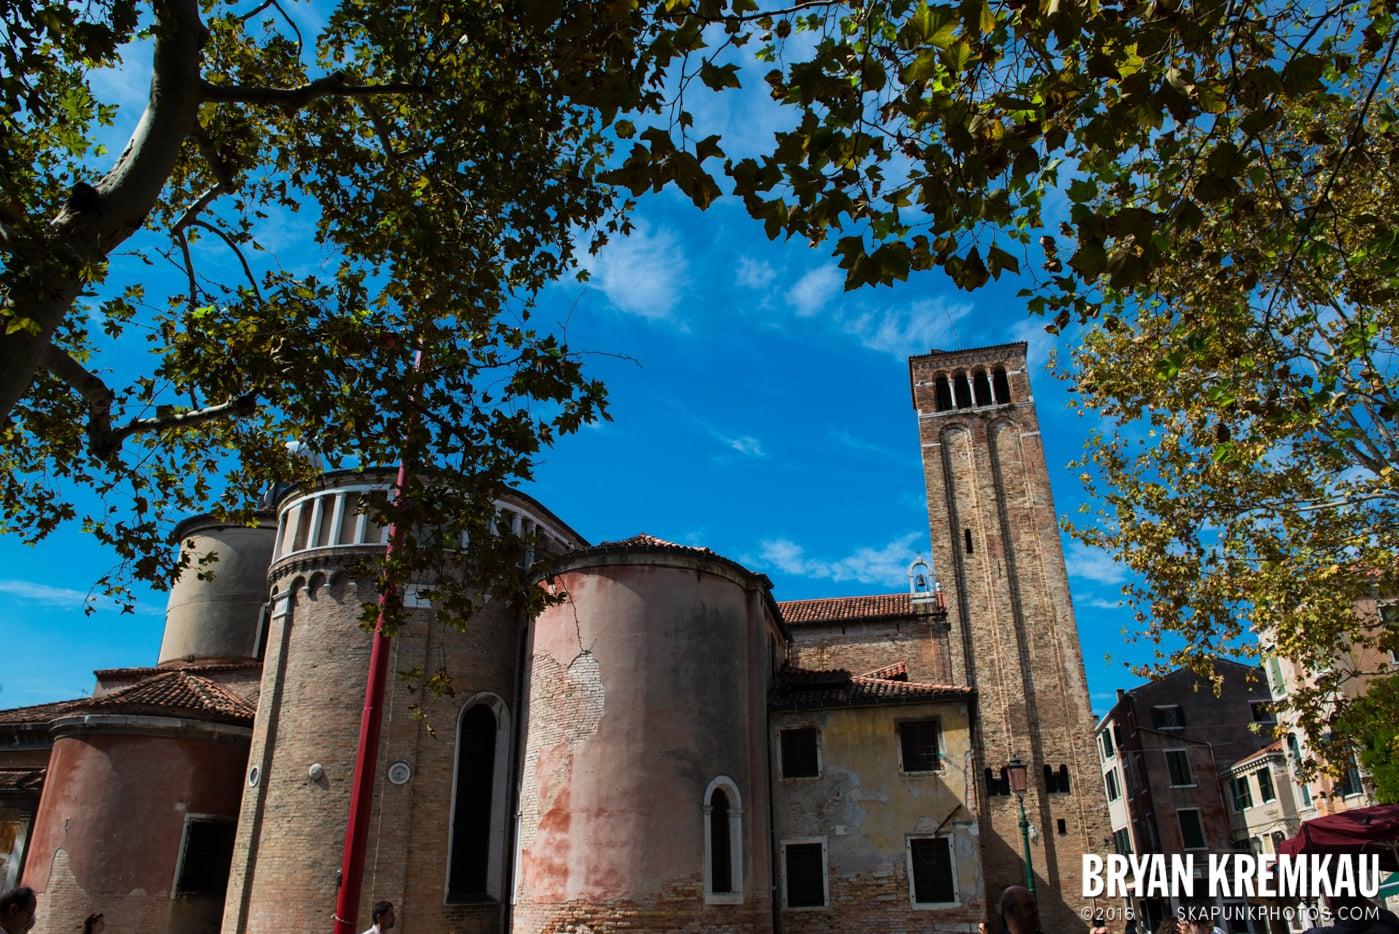 Italy Vacation - Day 5: Venice - 9.13.13 (51)